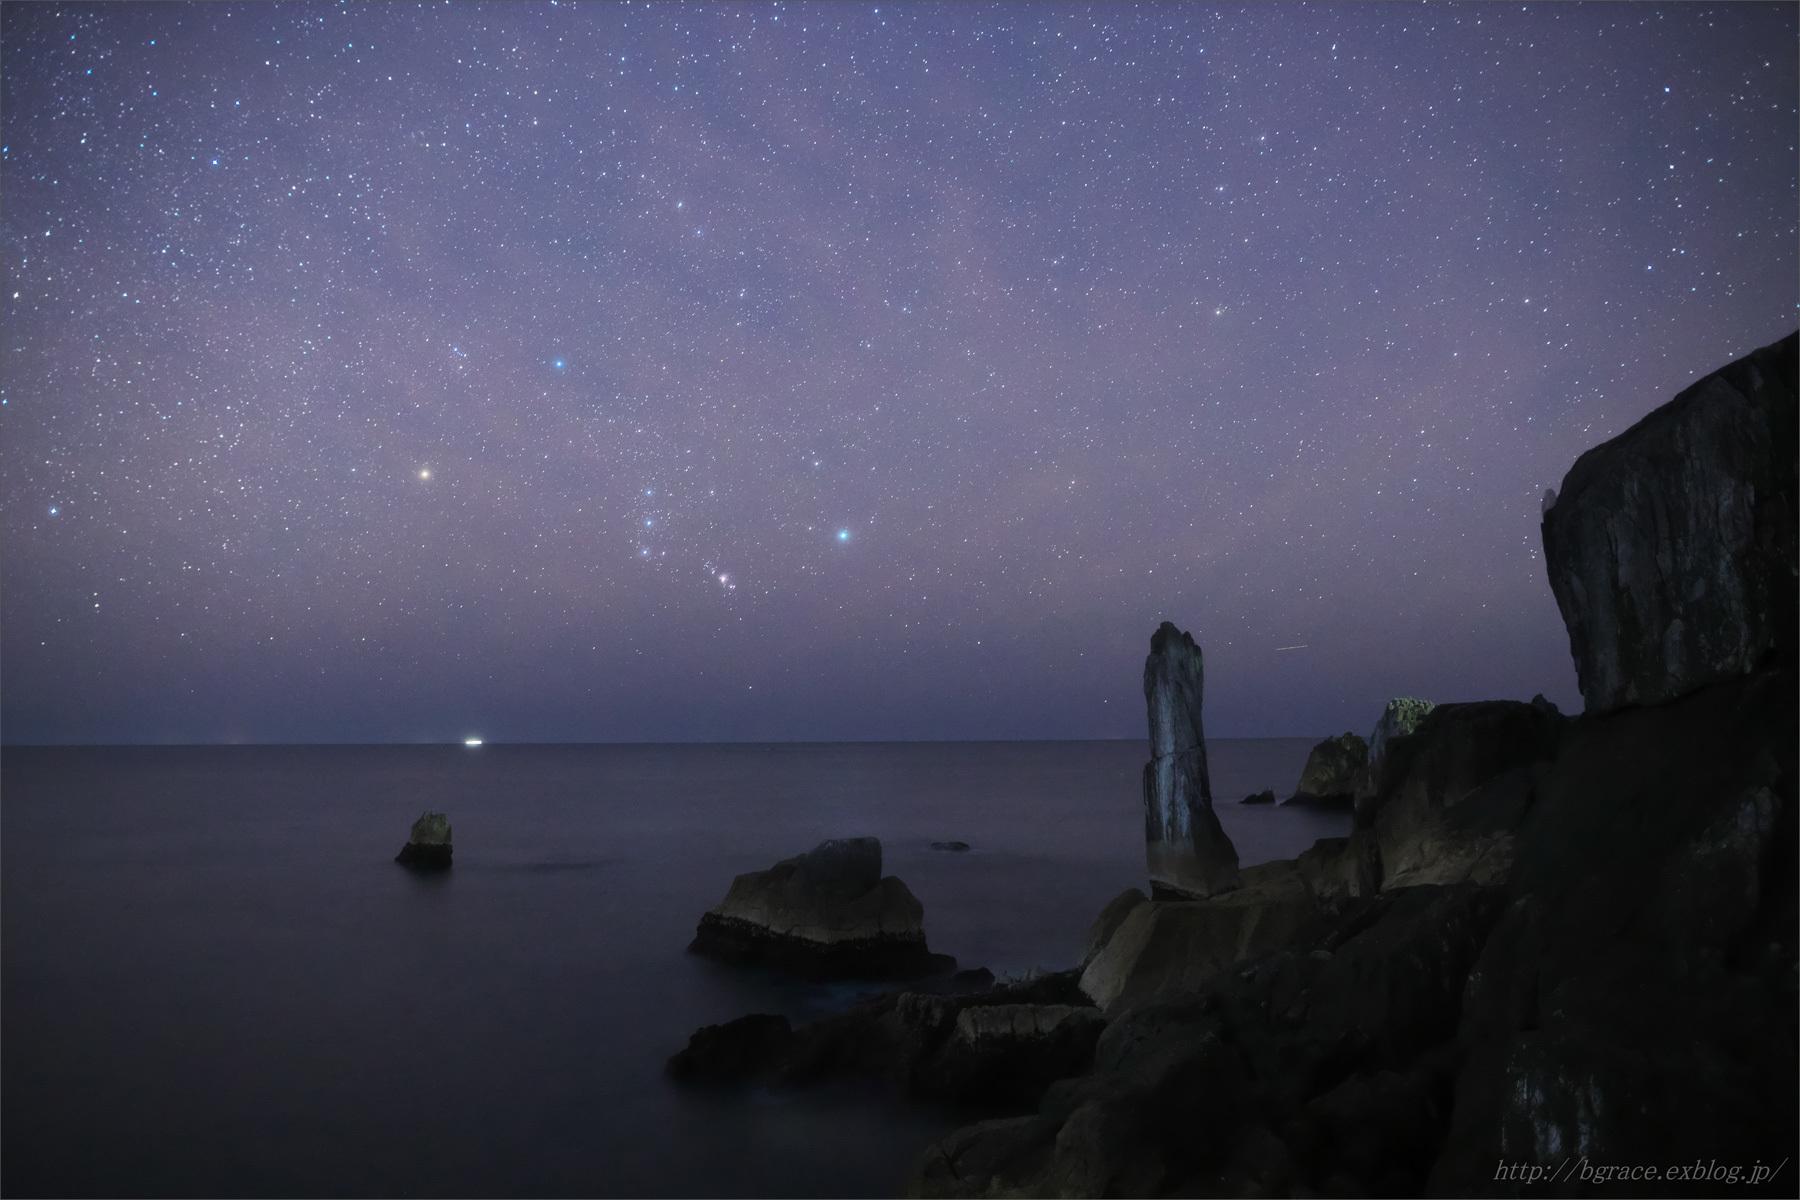 大気光にやられた夜_b0191074_15424346.jpg